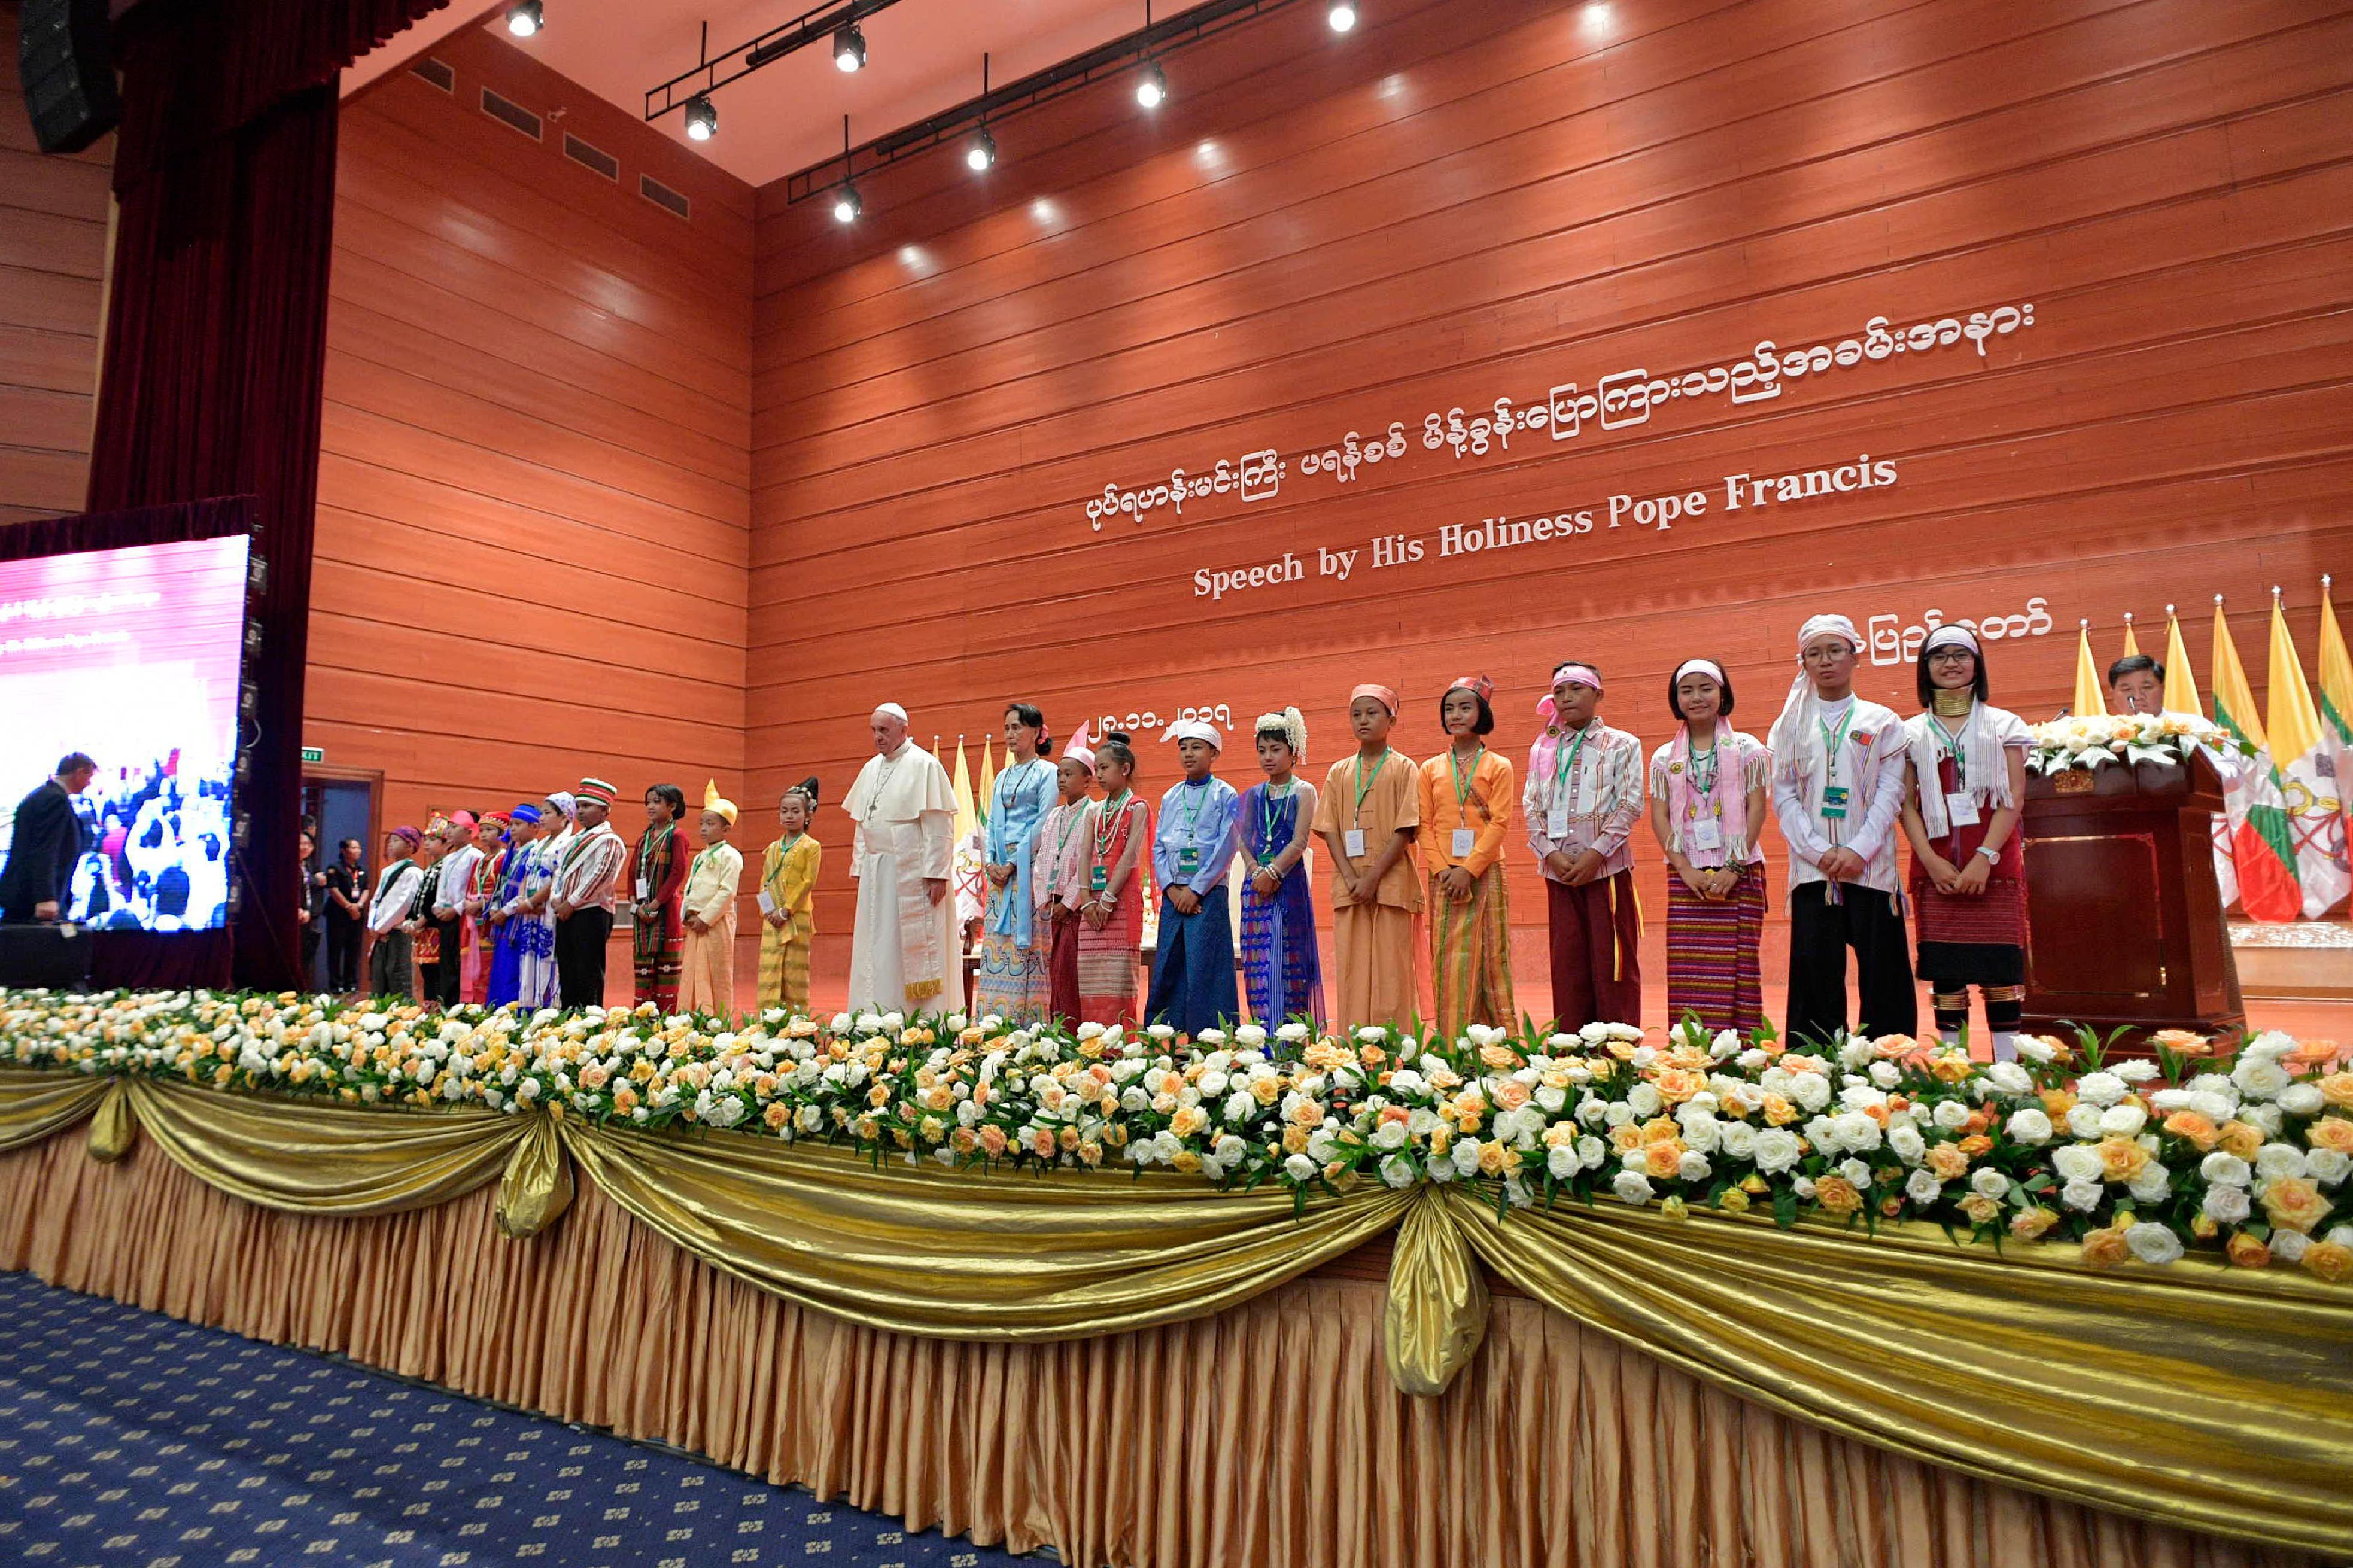 El Papa Francisco en el Centro Internacional de Convenciones de Myanmar © L'Osservatore Romano